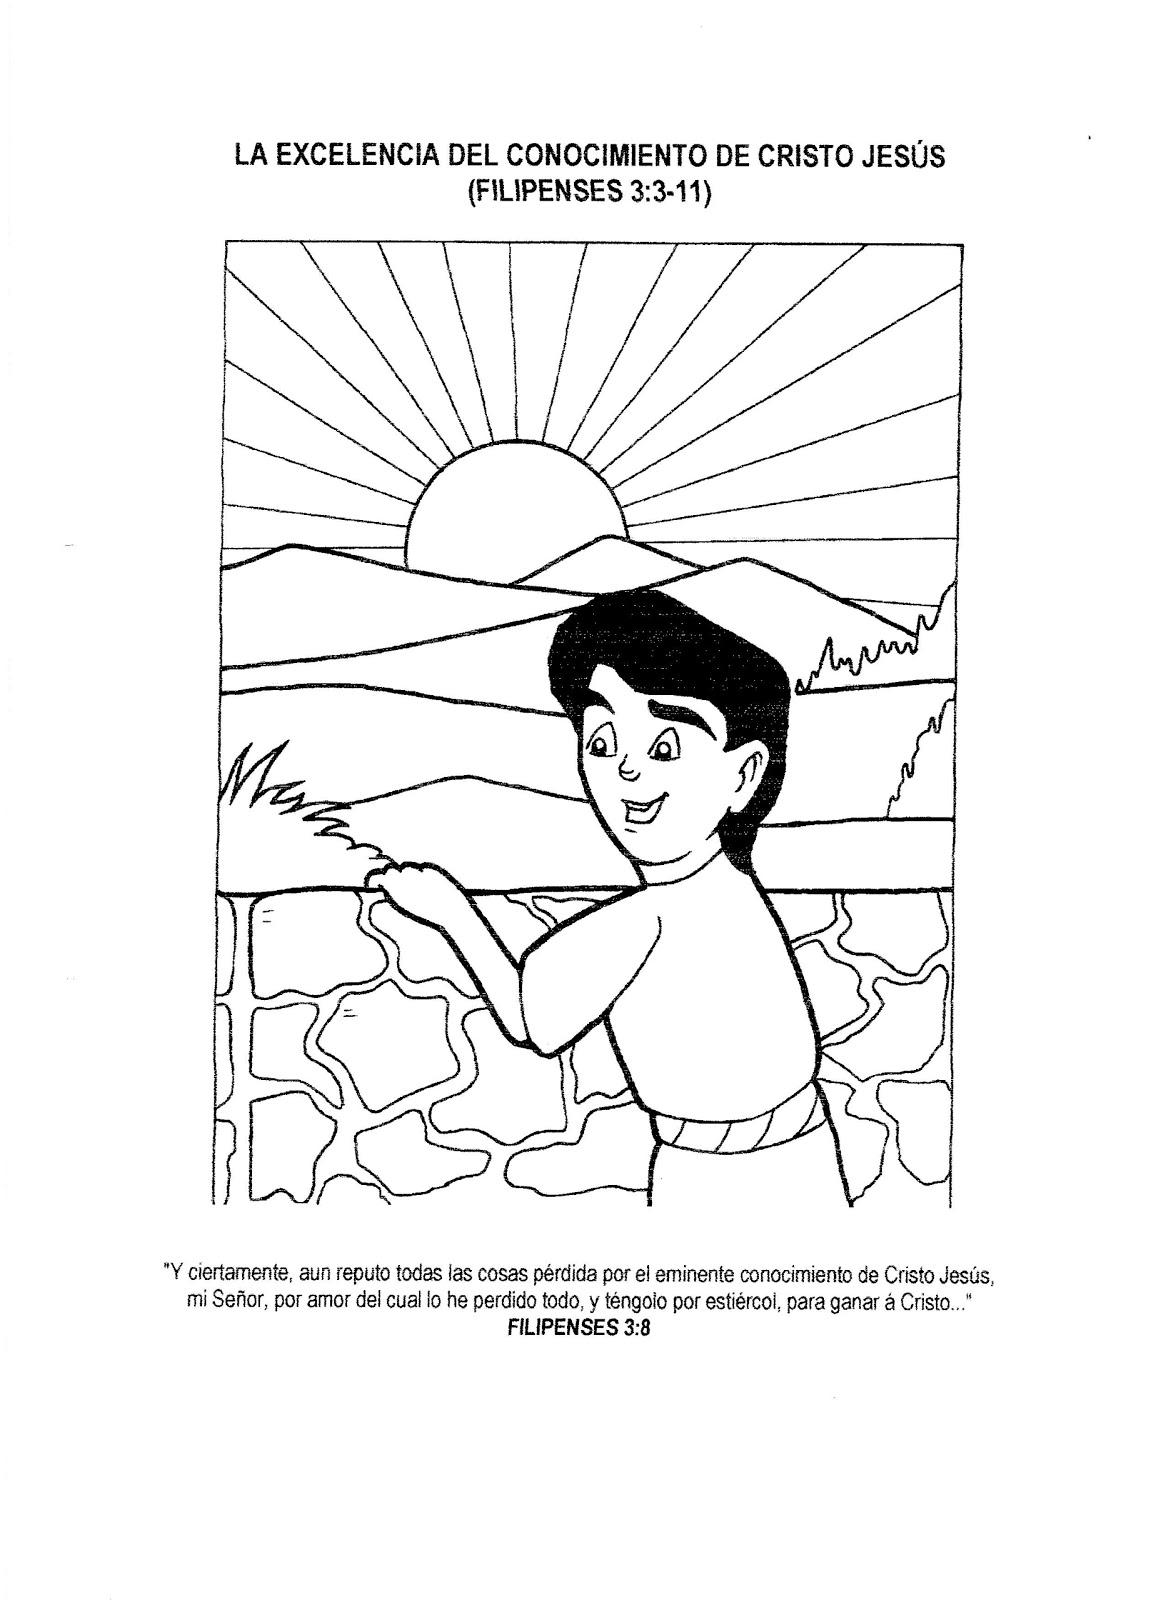 Dibujos Cristianos: La Excelencia del conocimiento de ...